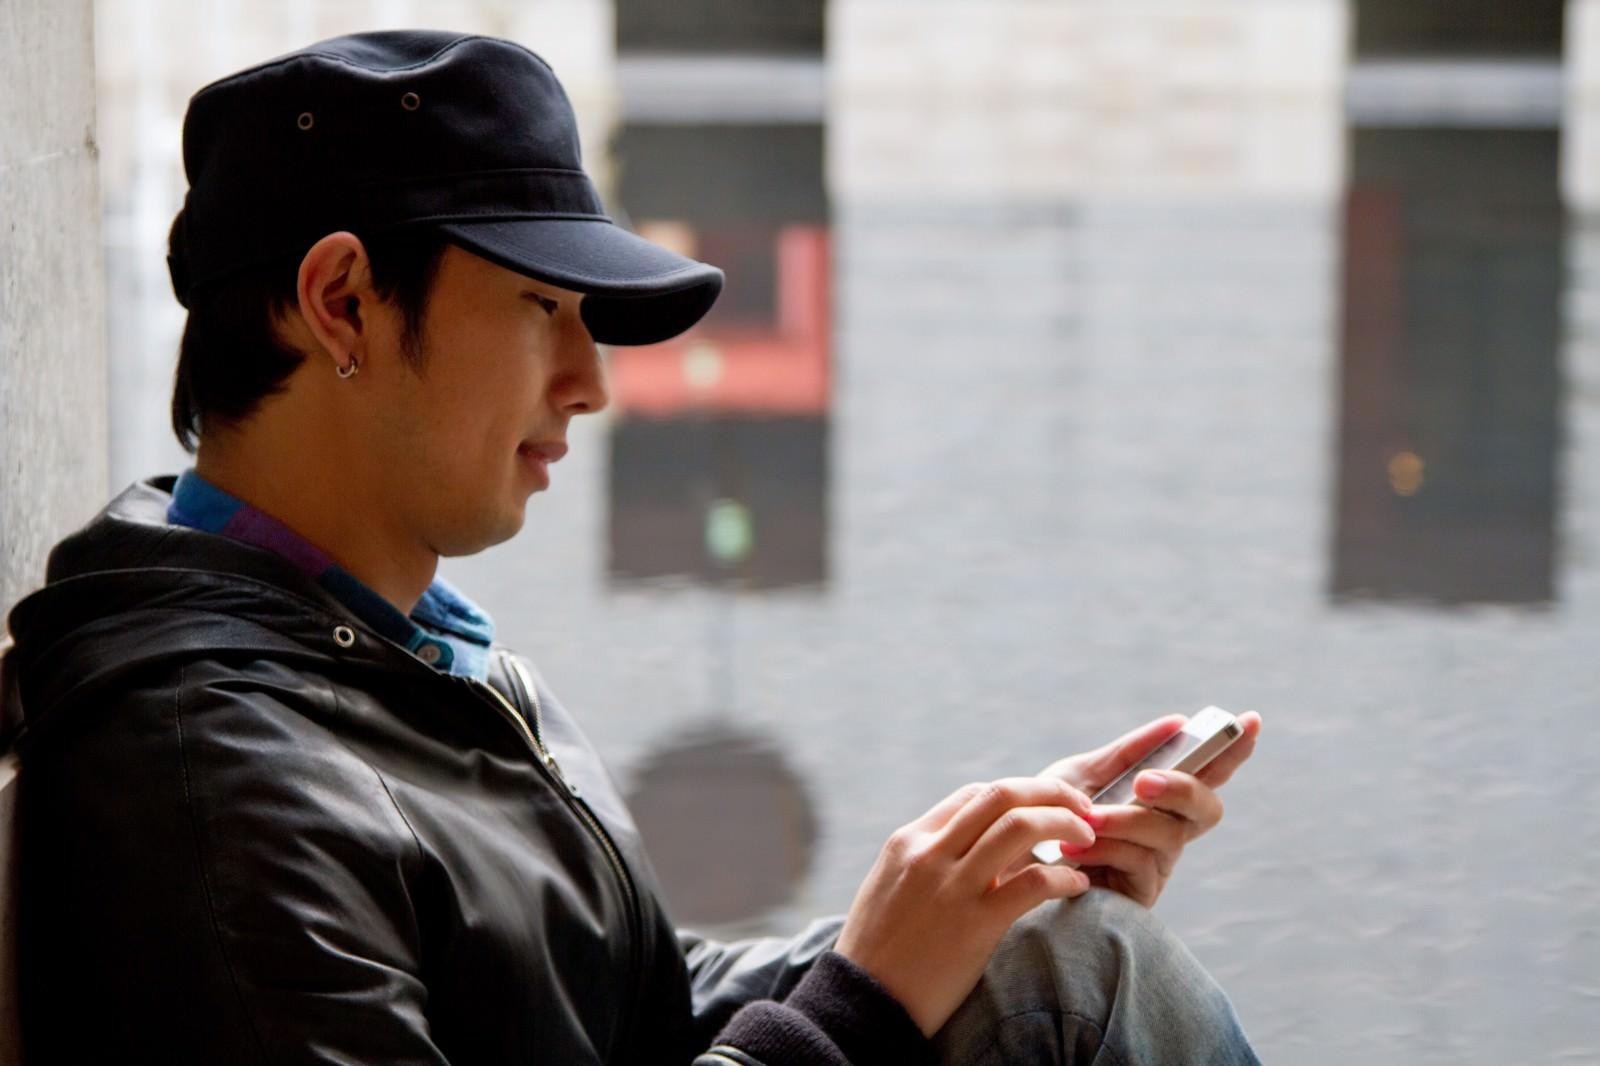 「スマホを操作する帽子の男性」の写真[モデル:大川竜弥]